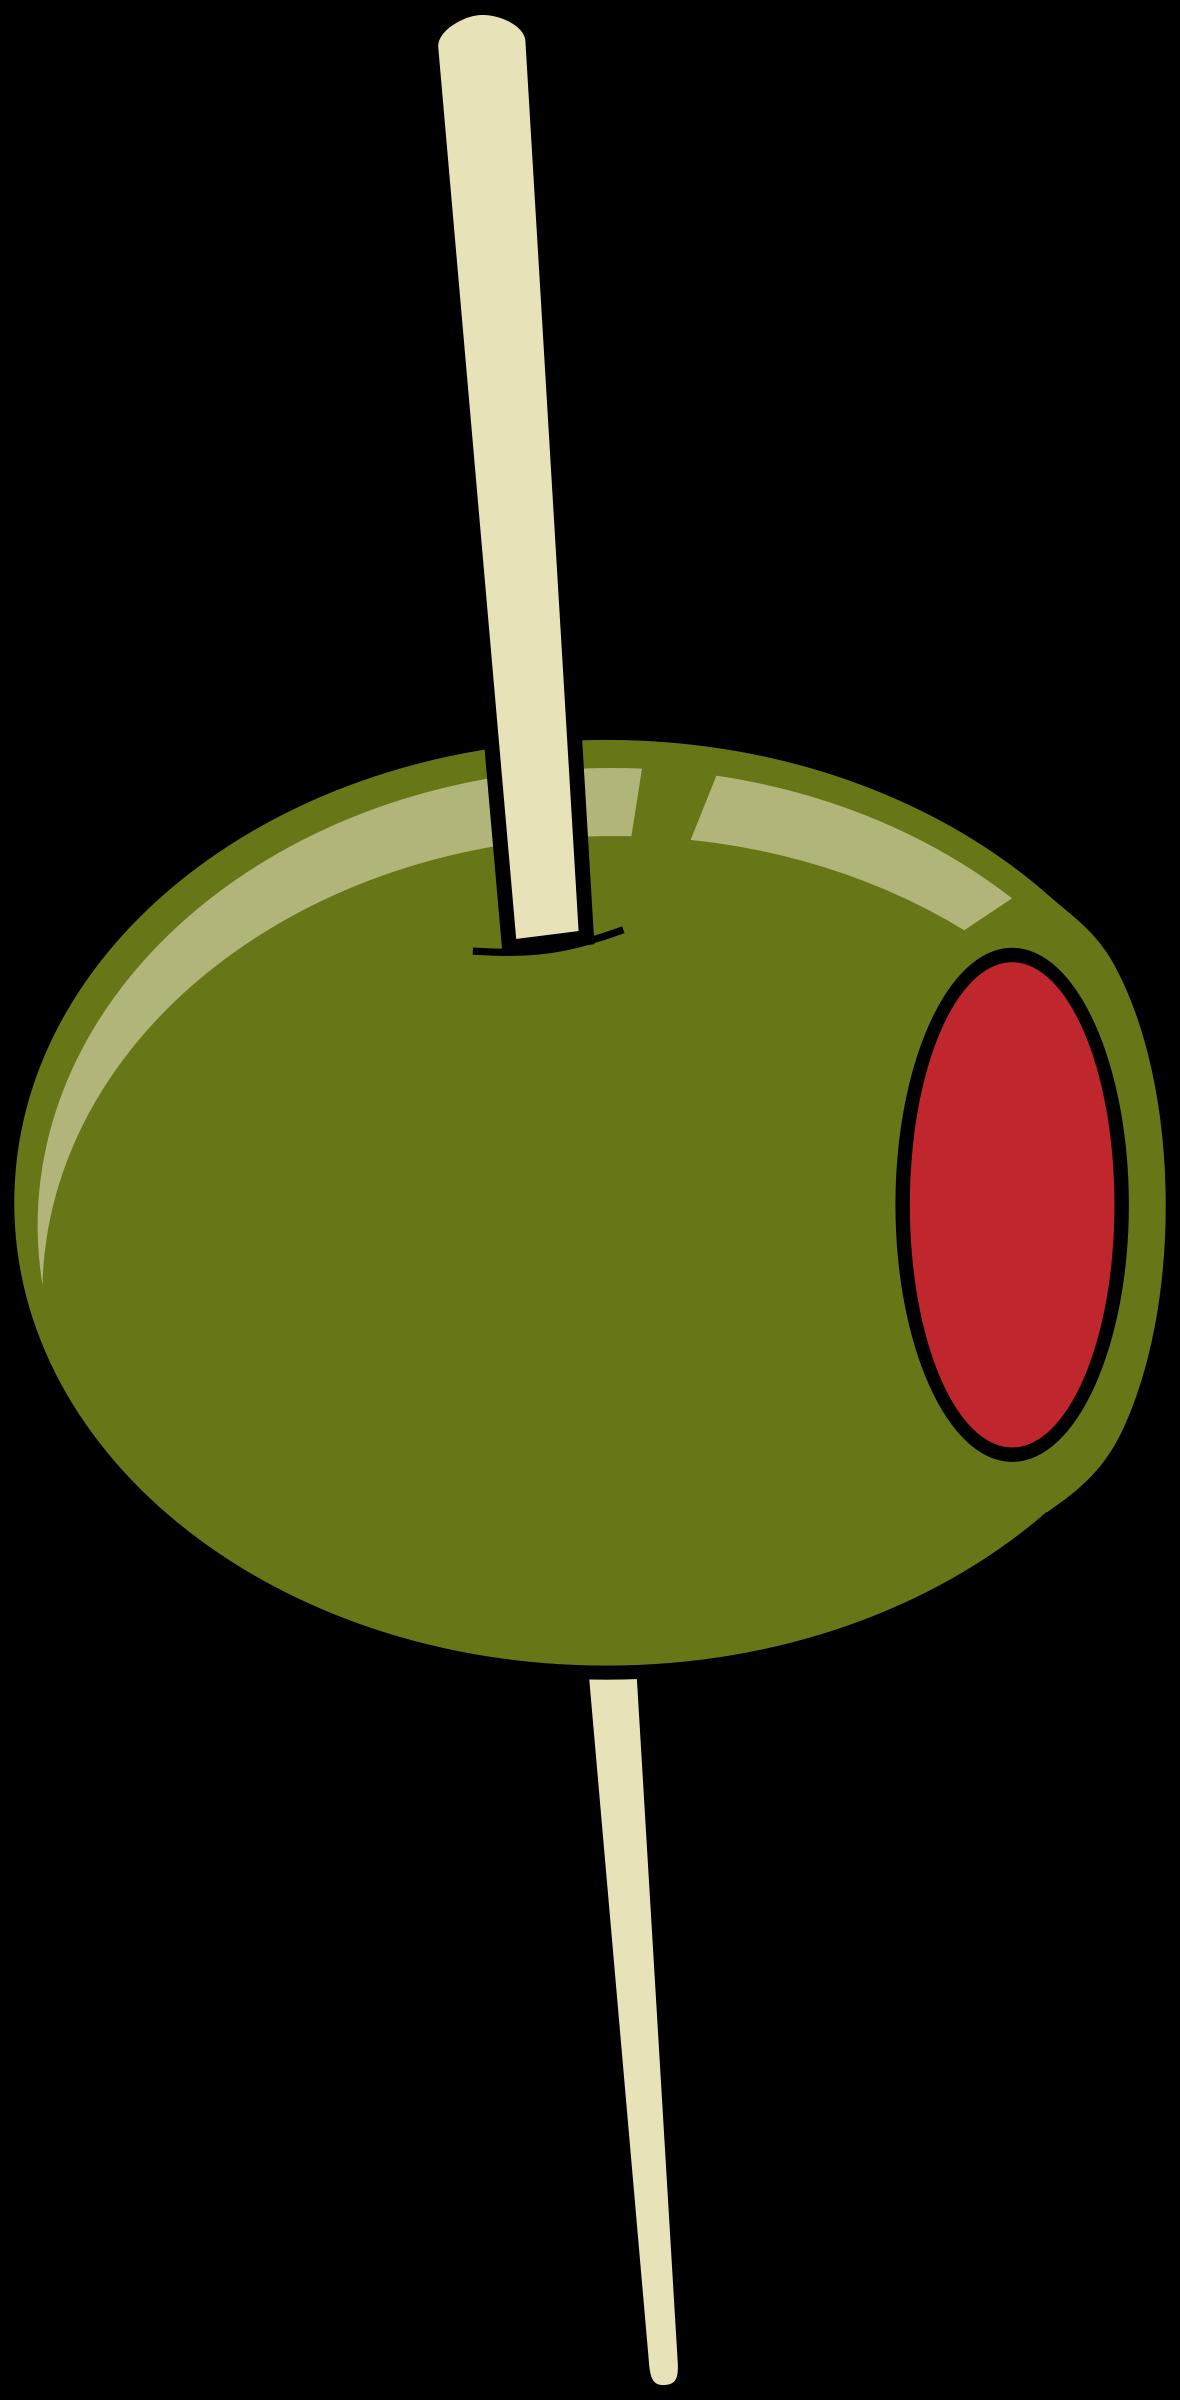 Olive martini olive